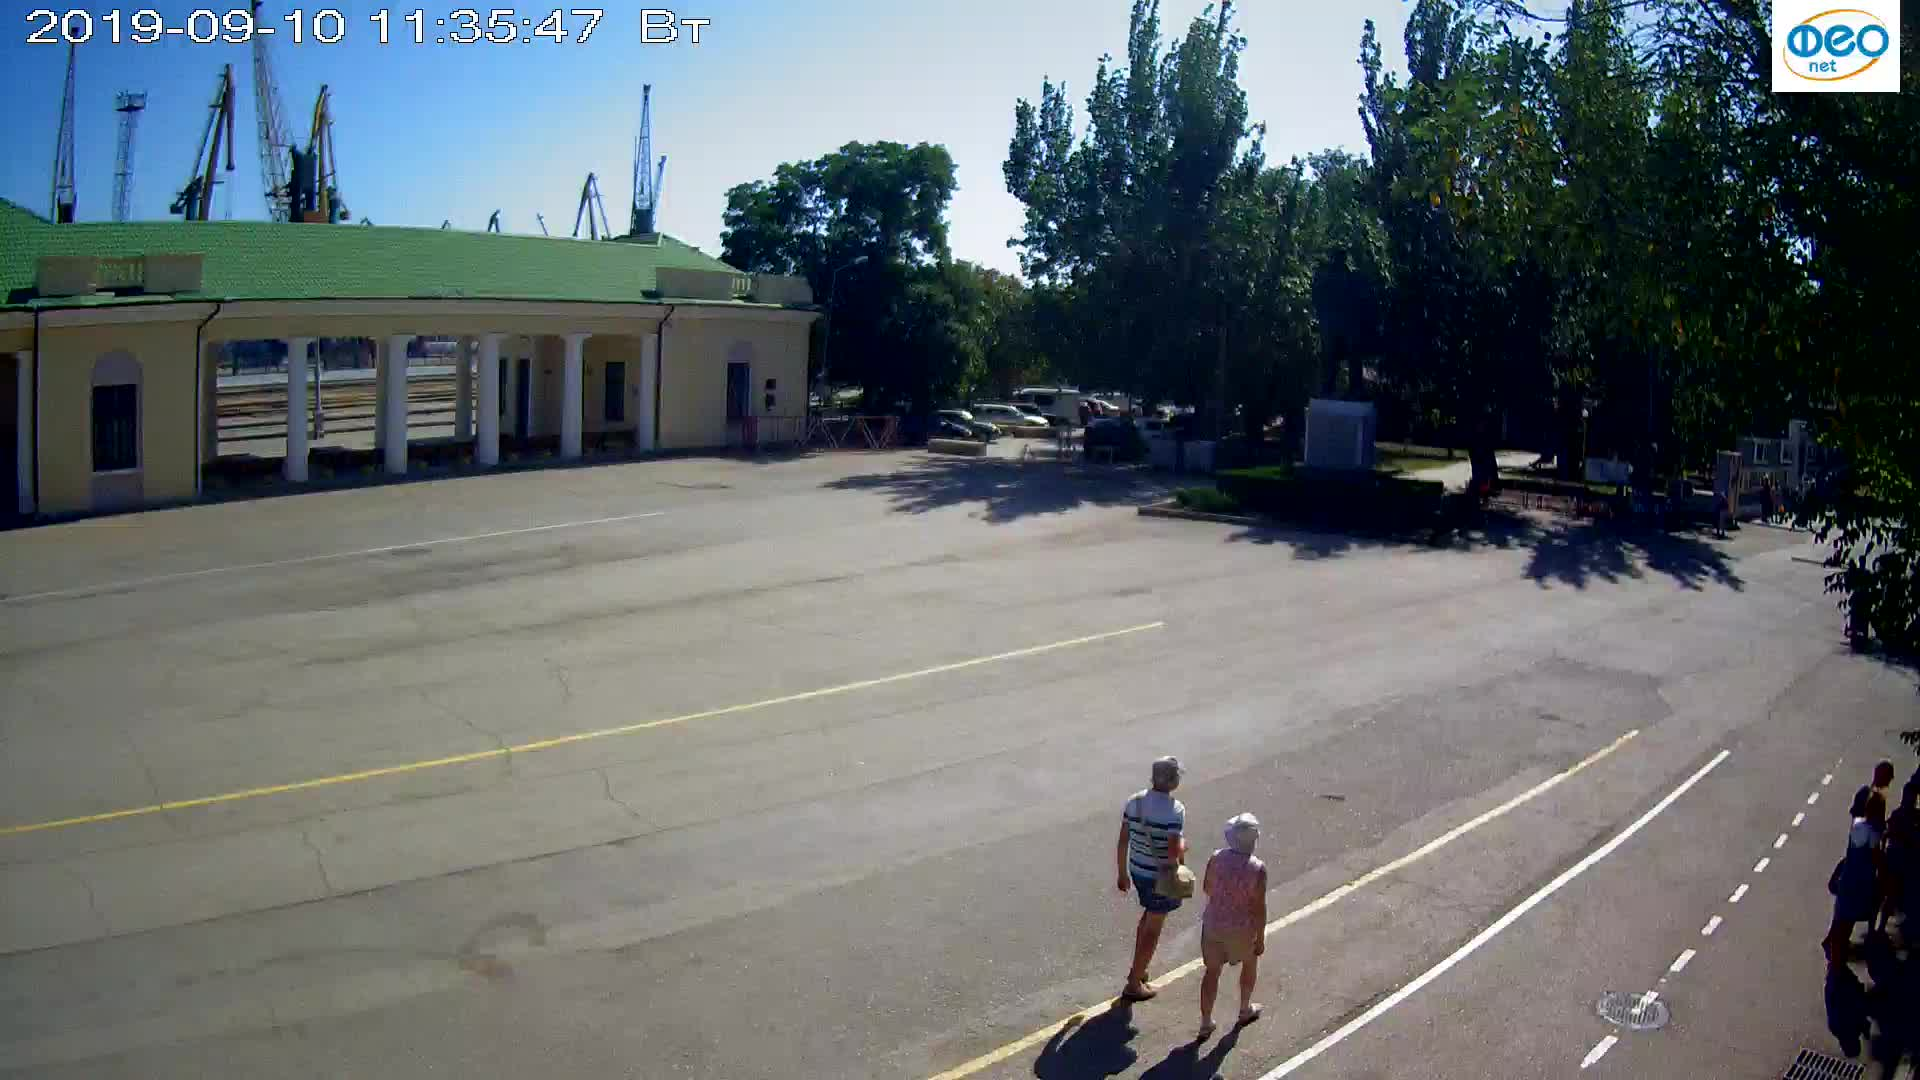 Веб-камеры Феодосии, Привокзальная площадь 2, 2019-09-10 11:23:11